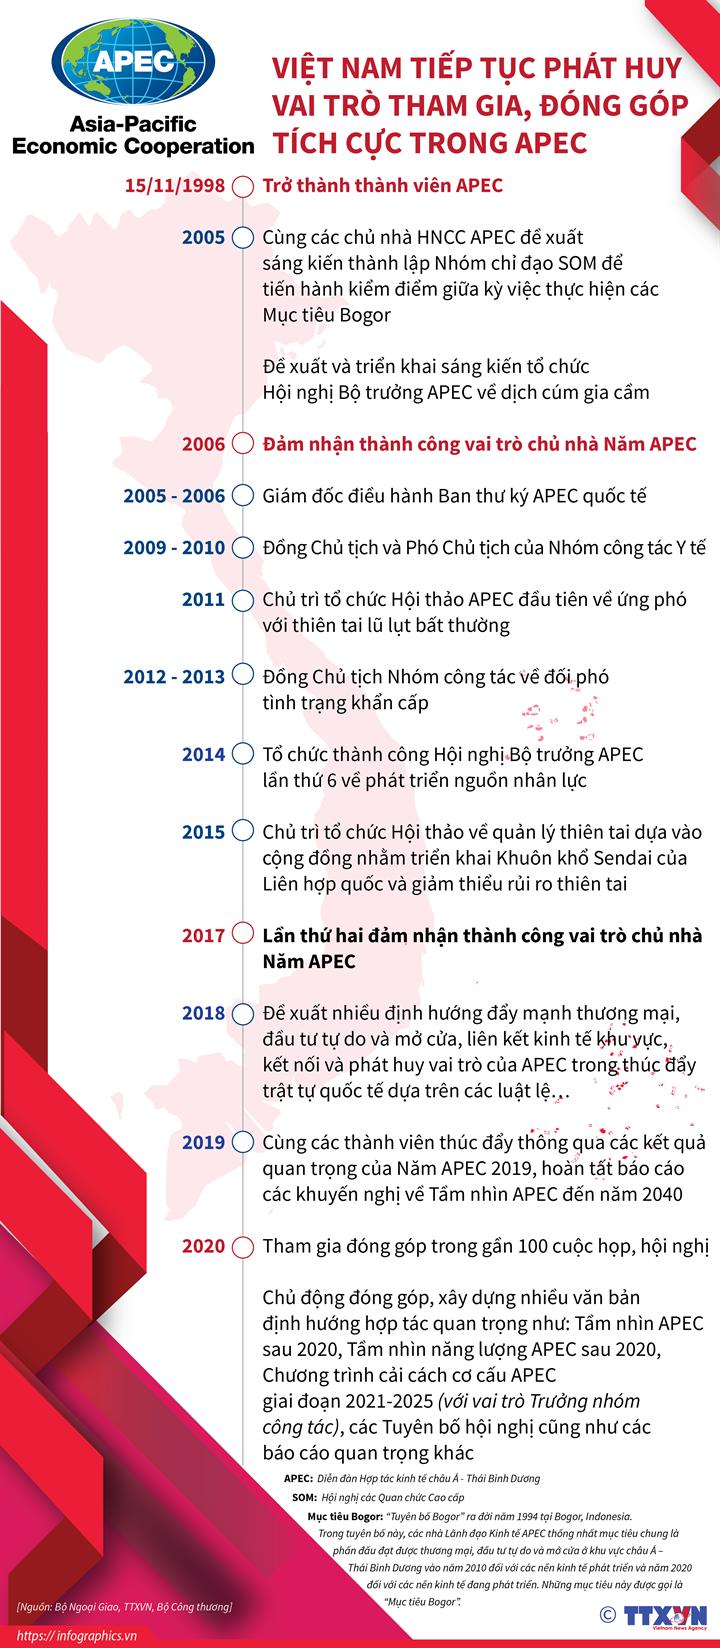 Dấu ấn Việt Nam trong xây dựng cộng đồng châu Á - Thái Bình Dương tự cường, thịnh vượng ảnh 1